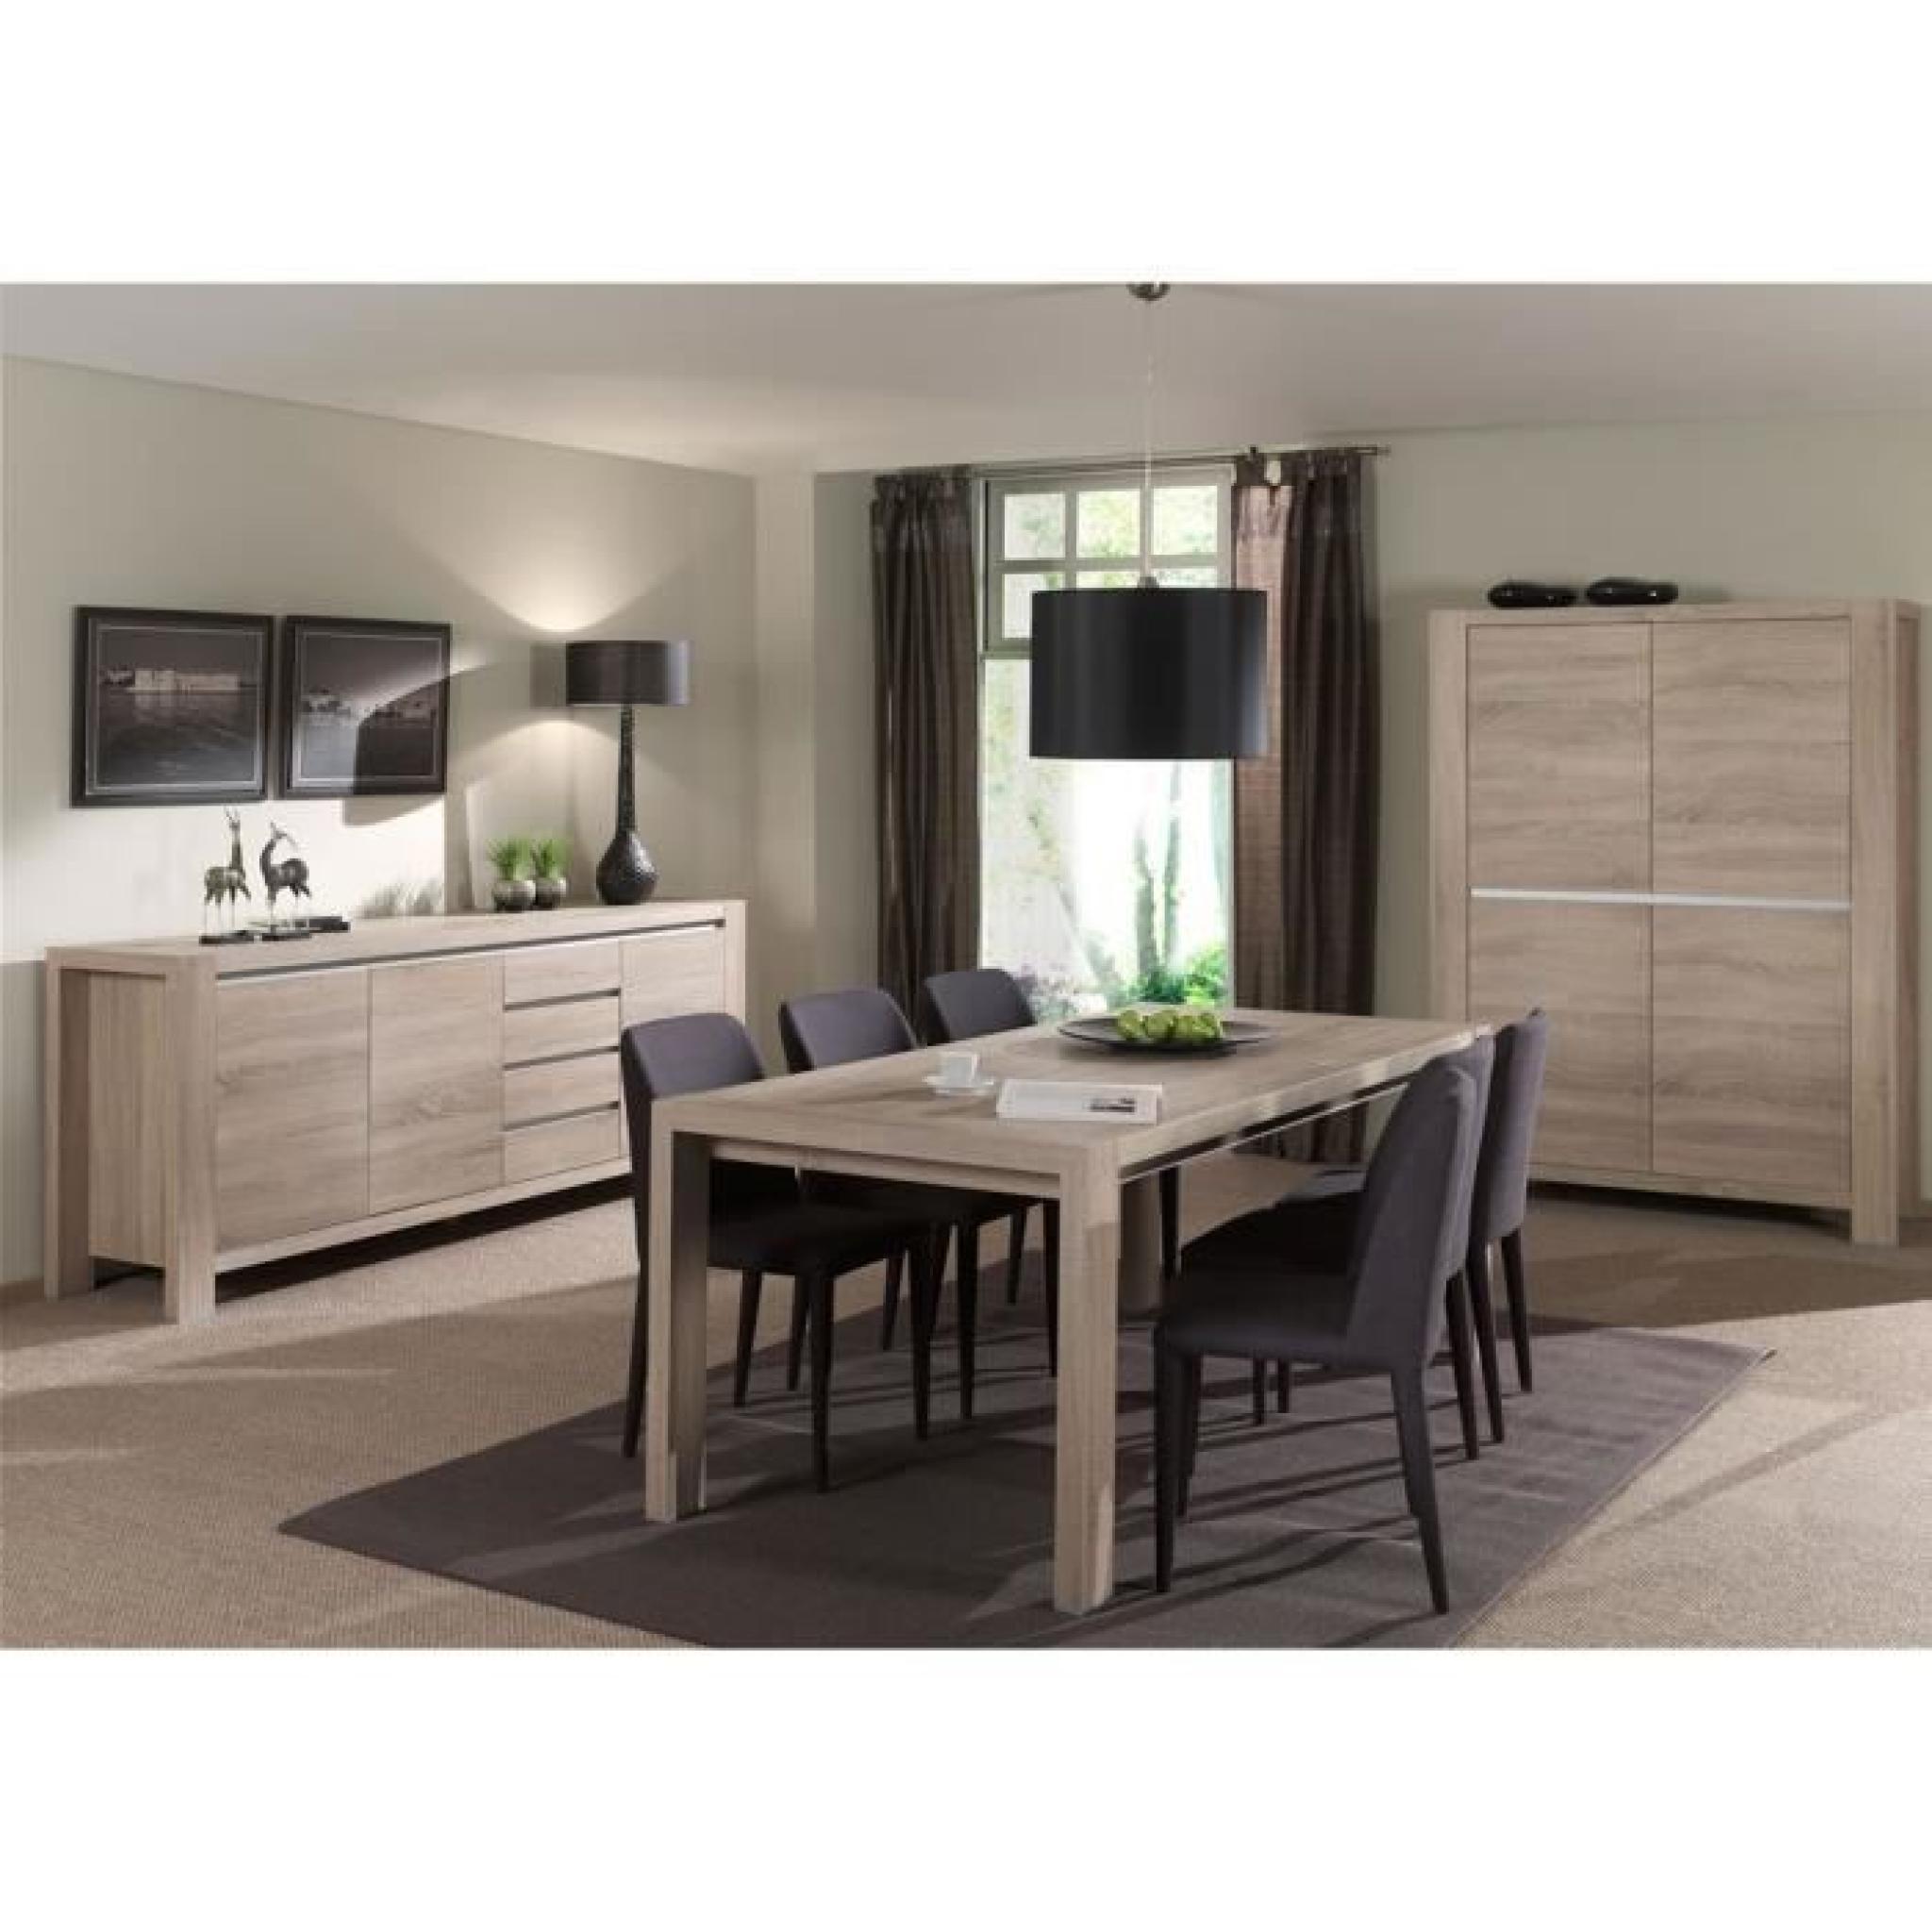 bahut 248 cm coloris ch ne sonoma achat vente buffet pas cher couleur et. Black Bedroom Furniture Sets. Home Design Ideas